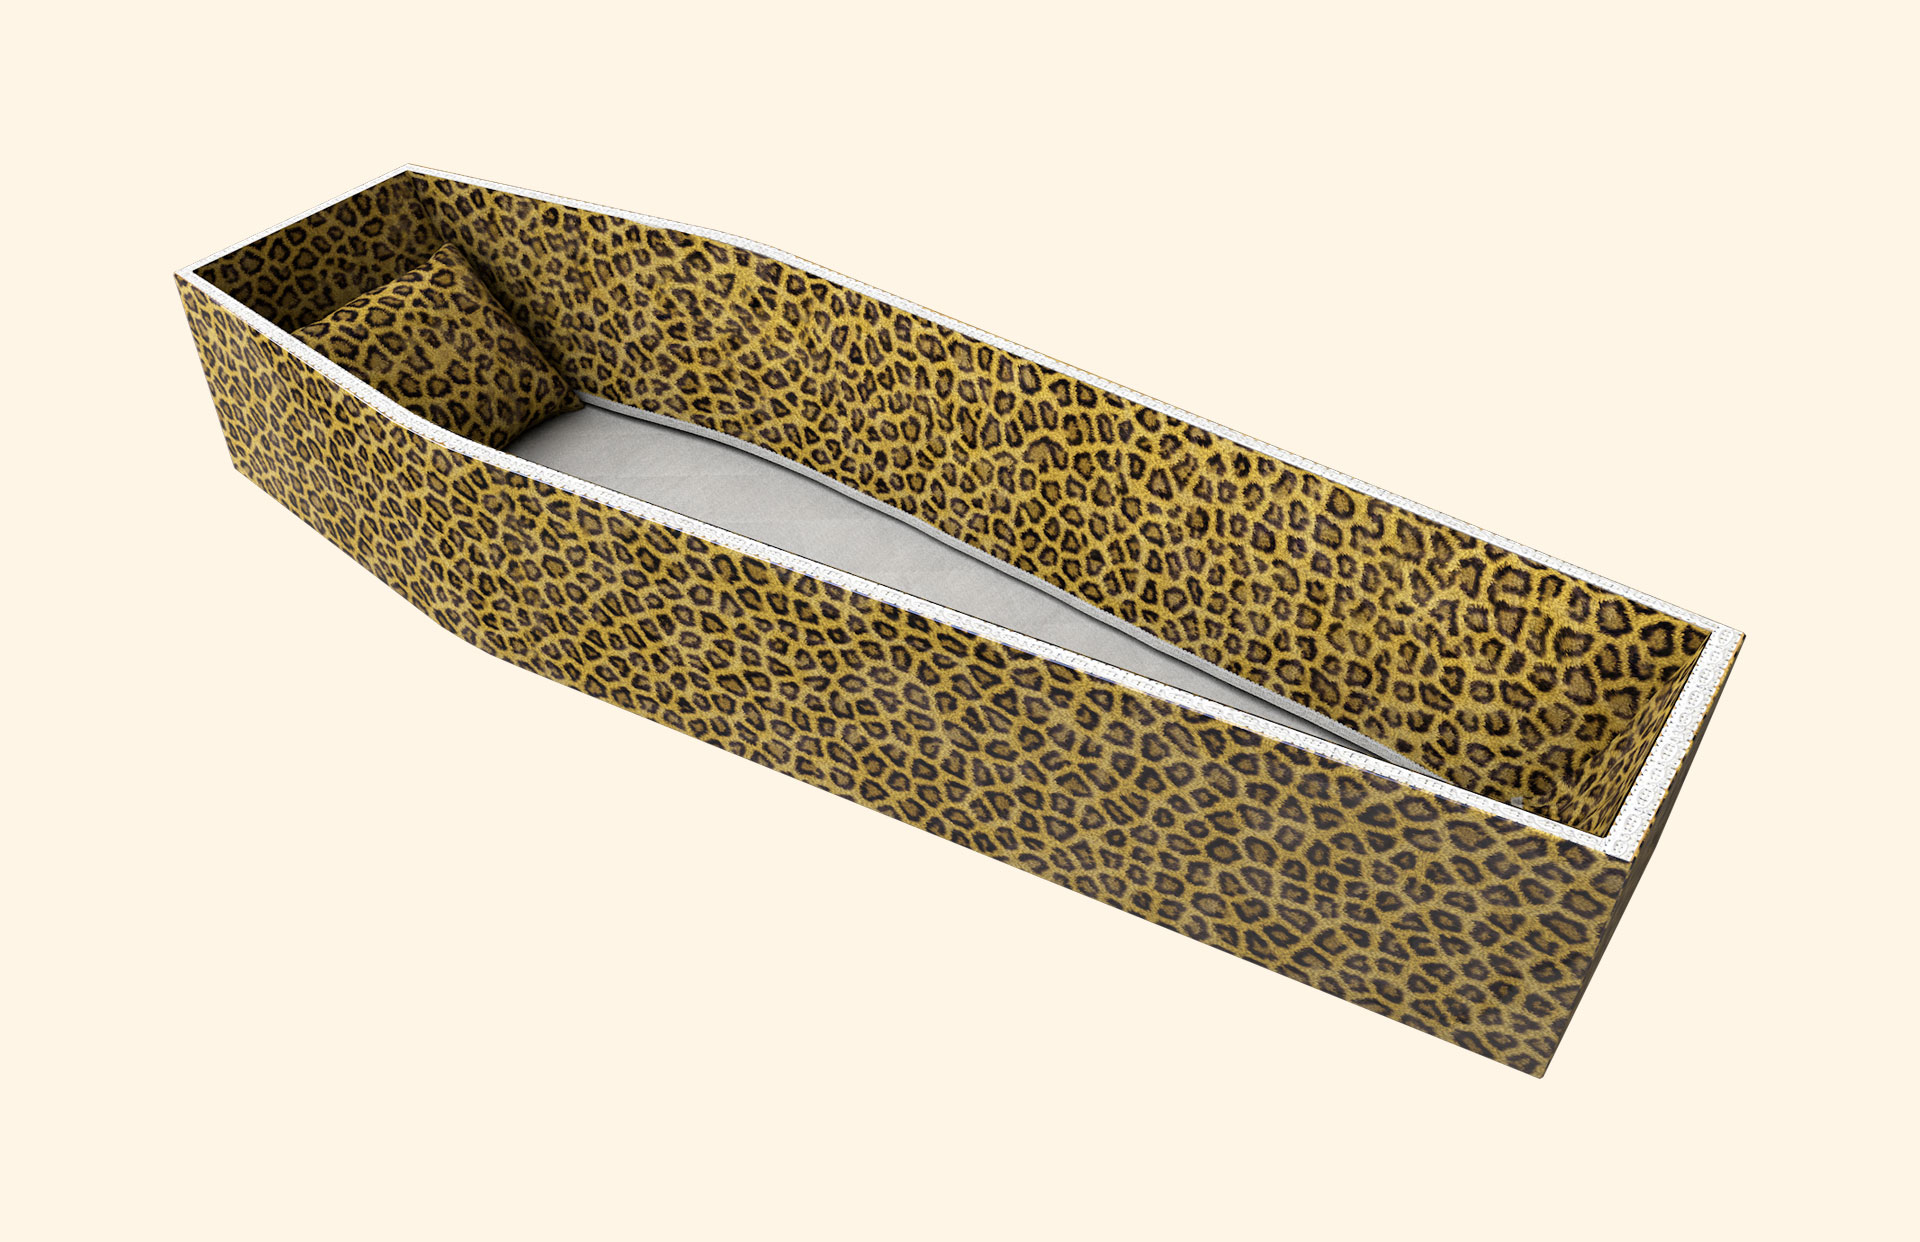 Leopard Skin side lining